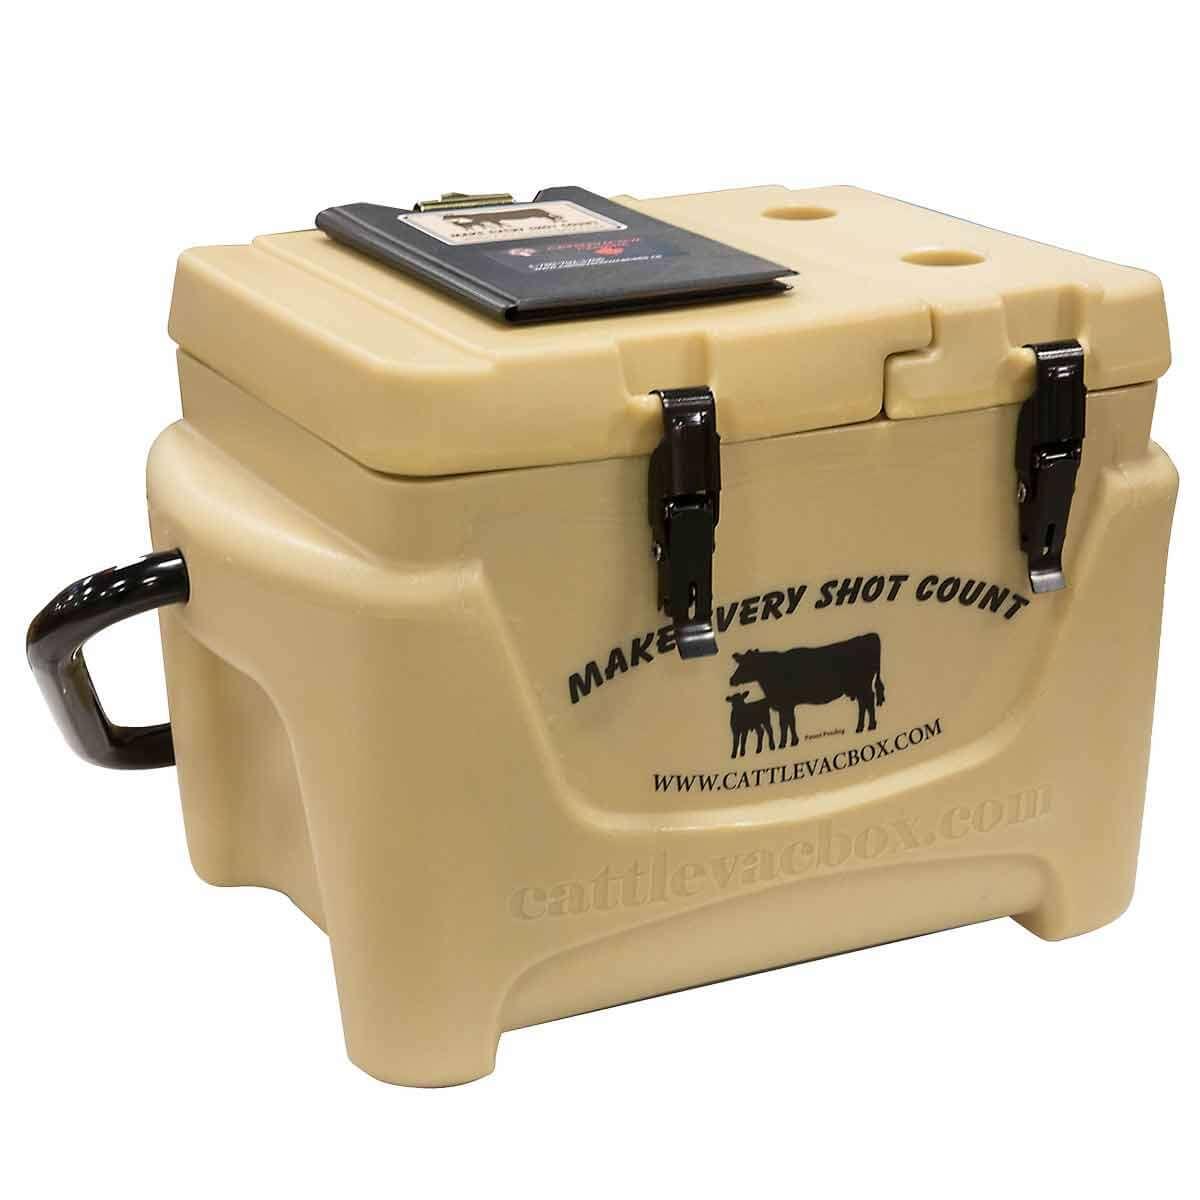 Cattle Vac Box Jr